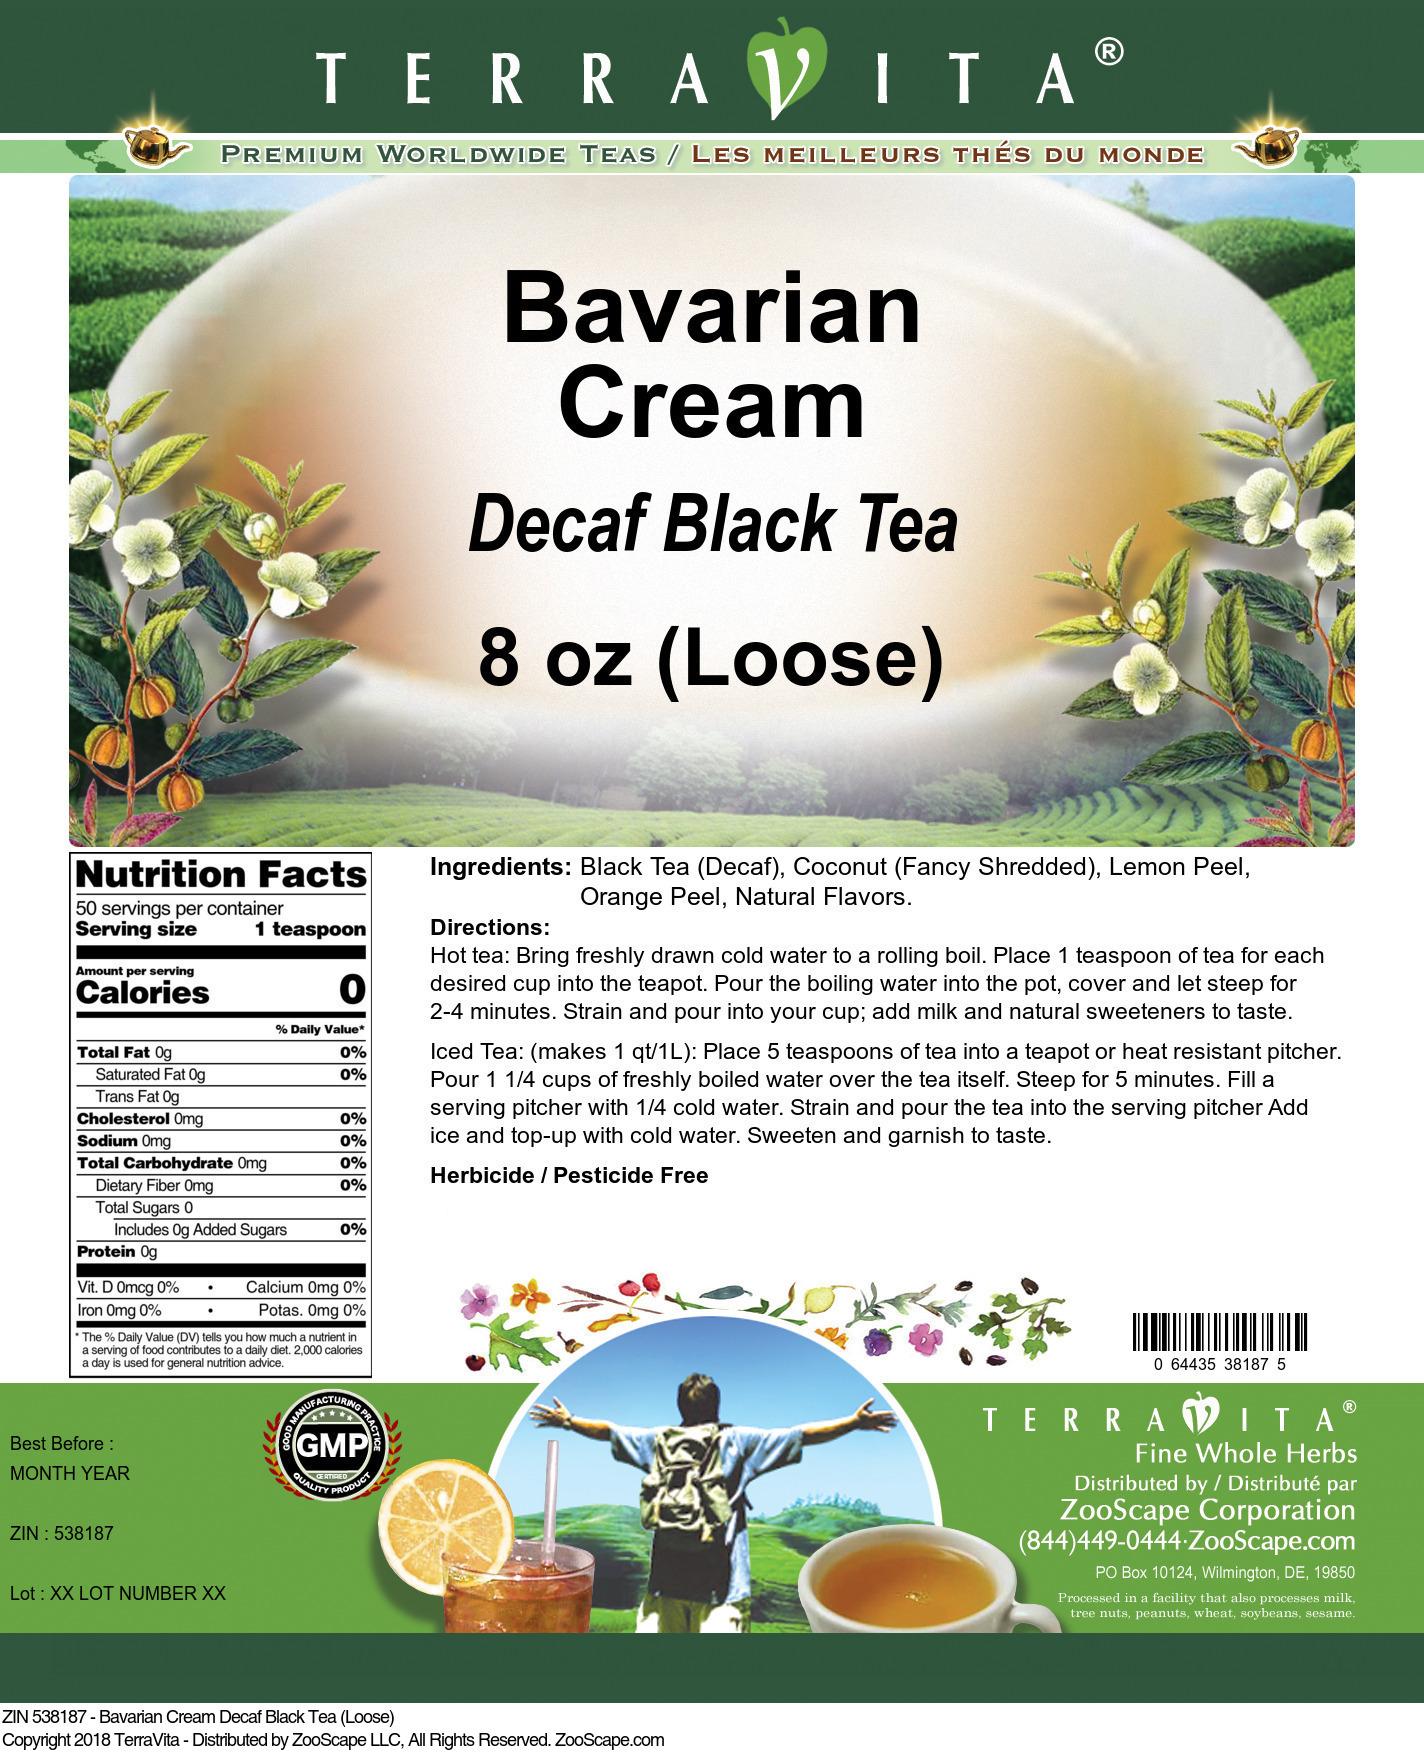 Bavarian Cream Decaf Black Tea (Loose)